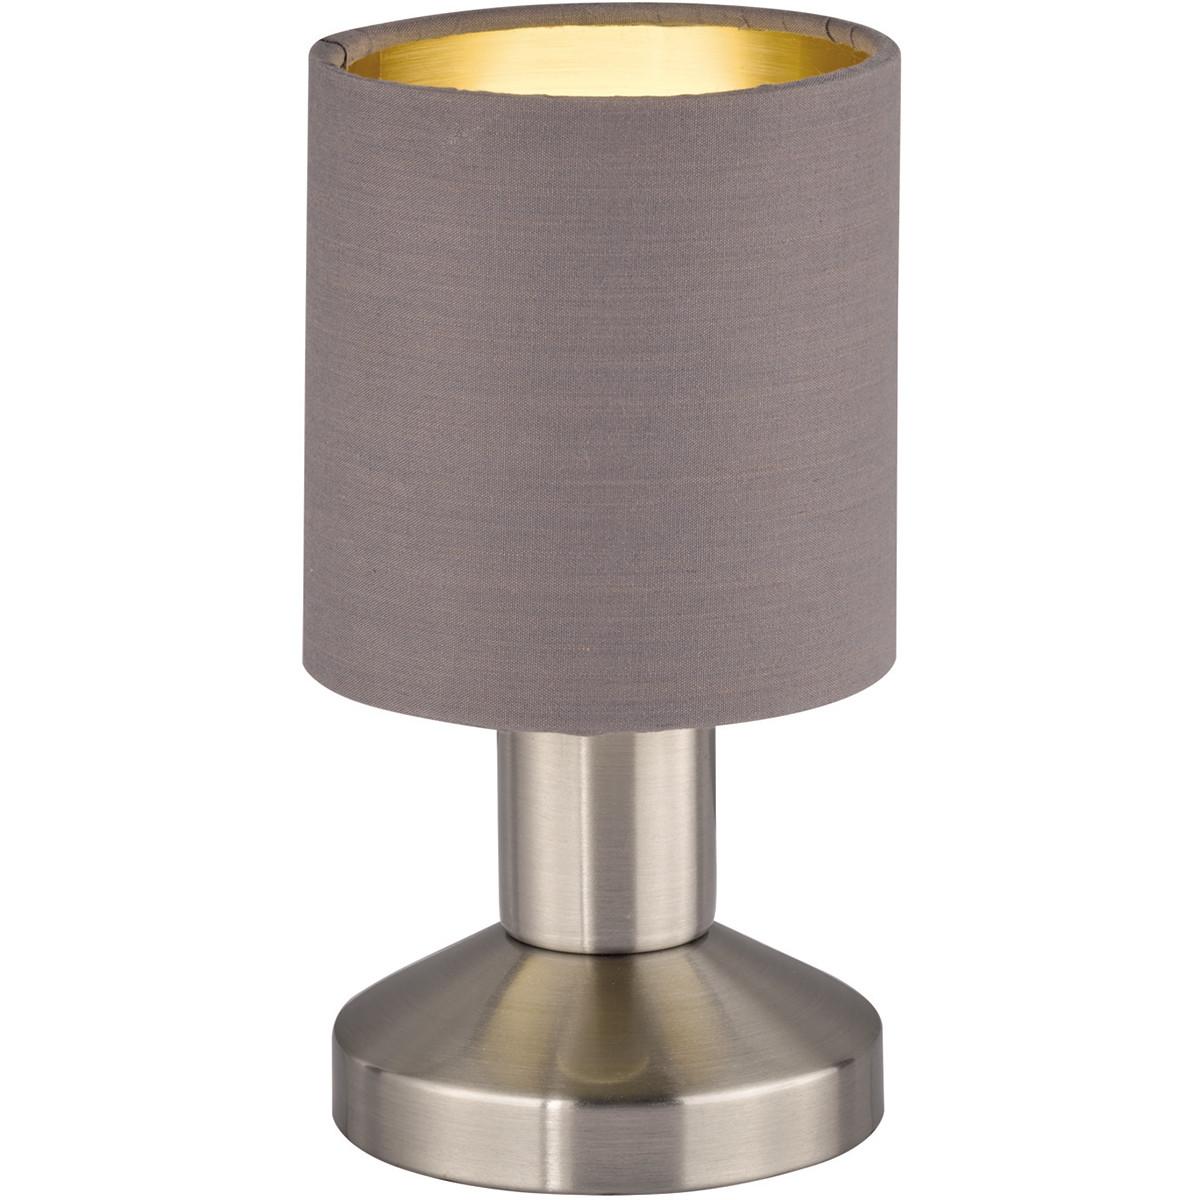 LED Tafellamp - Tafelverlichting - Trion Garno - E14 Fitting - Rond - Mat Bruin - Aluminium